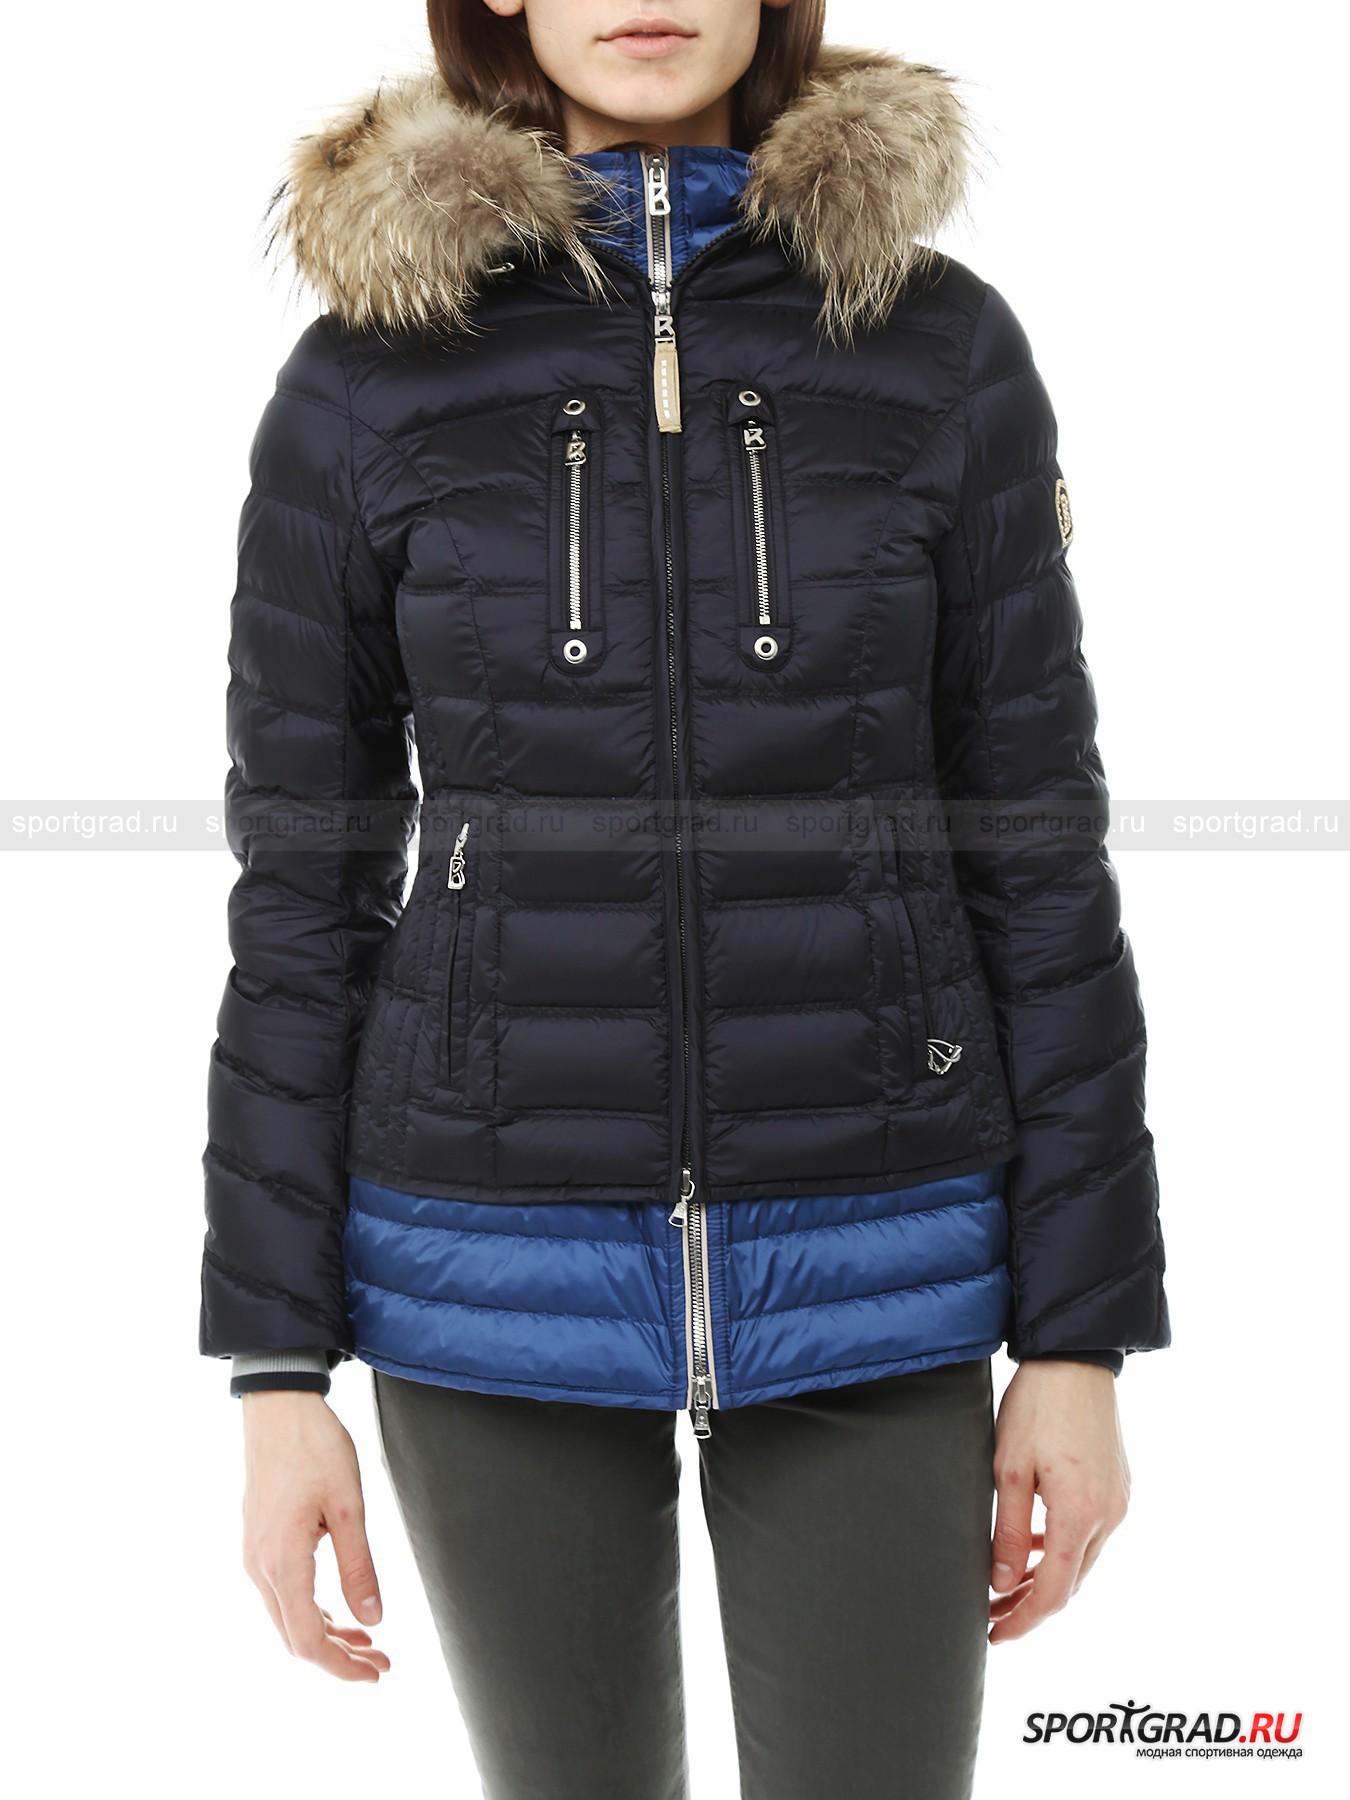 Bogner Купить Женскую Куртку В Новосибирске